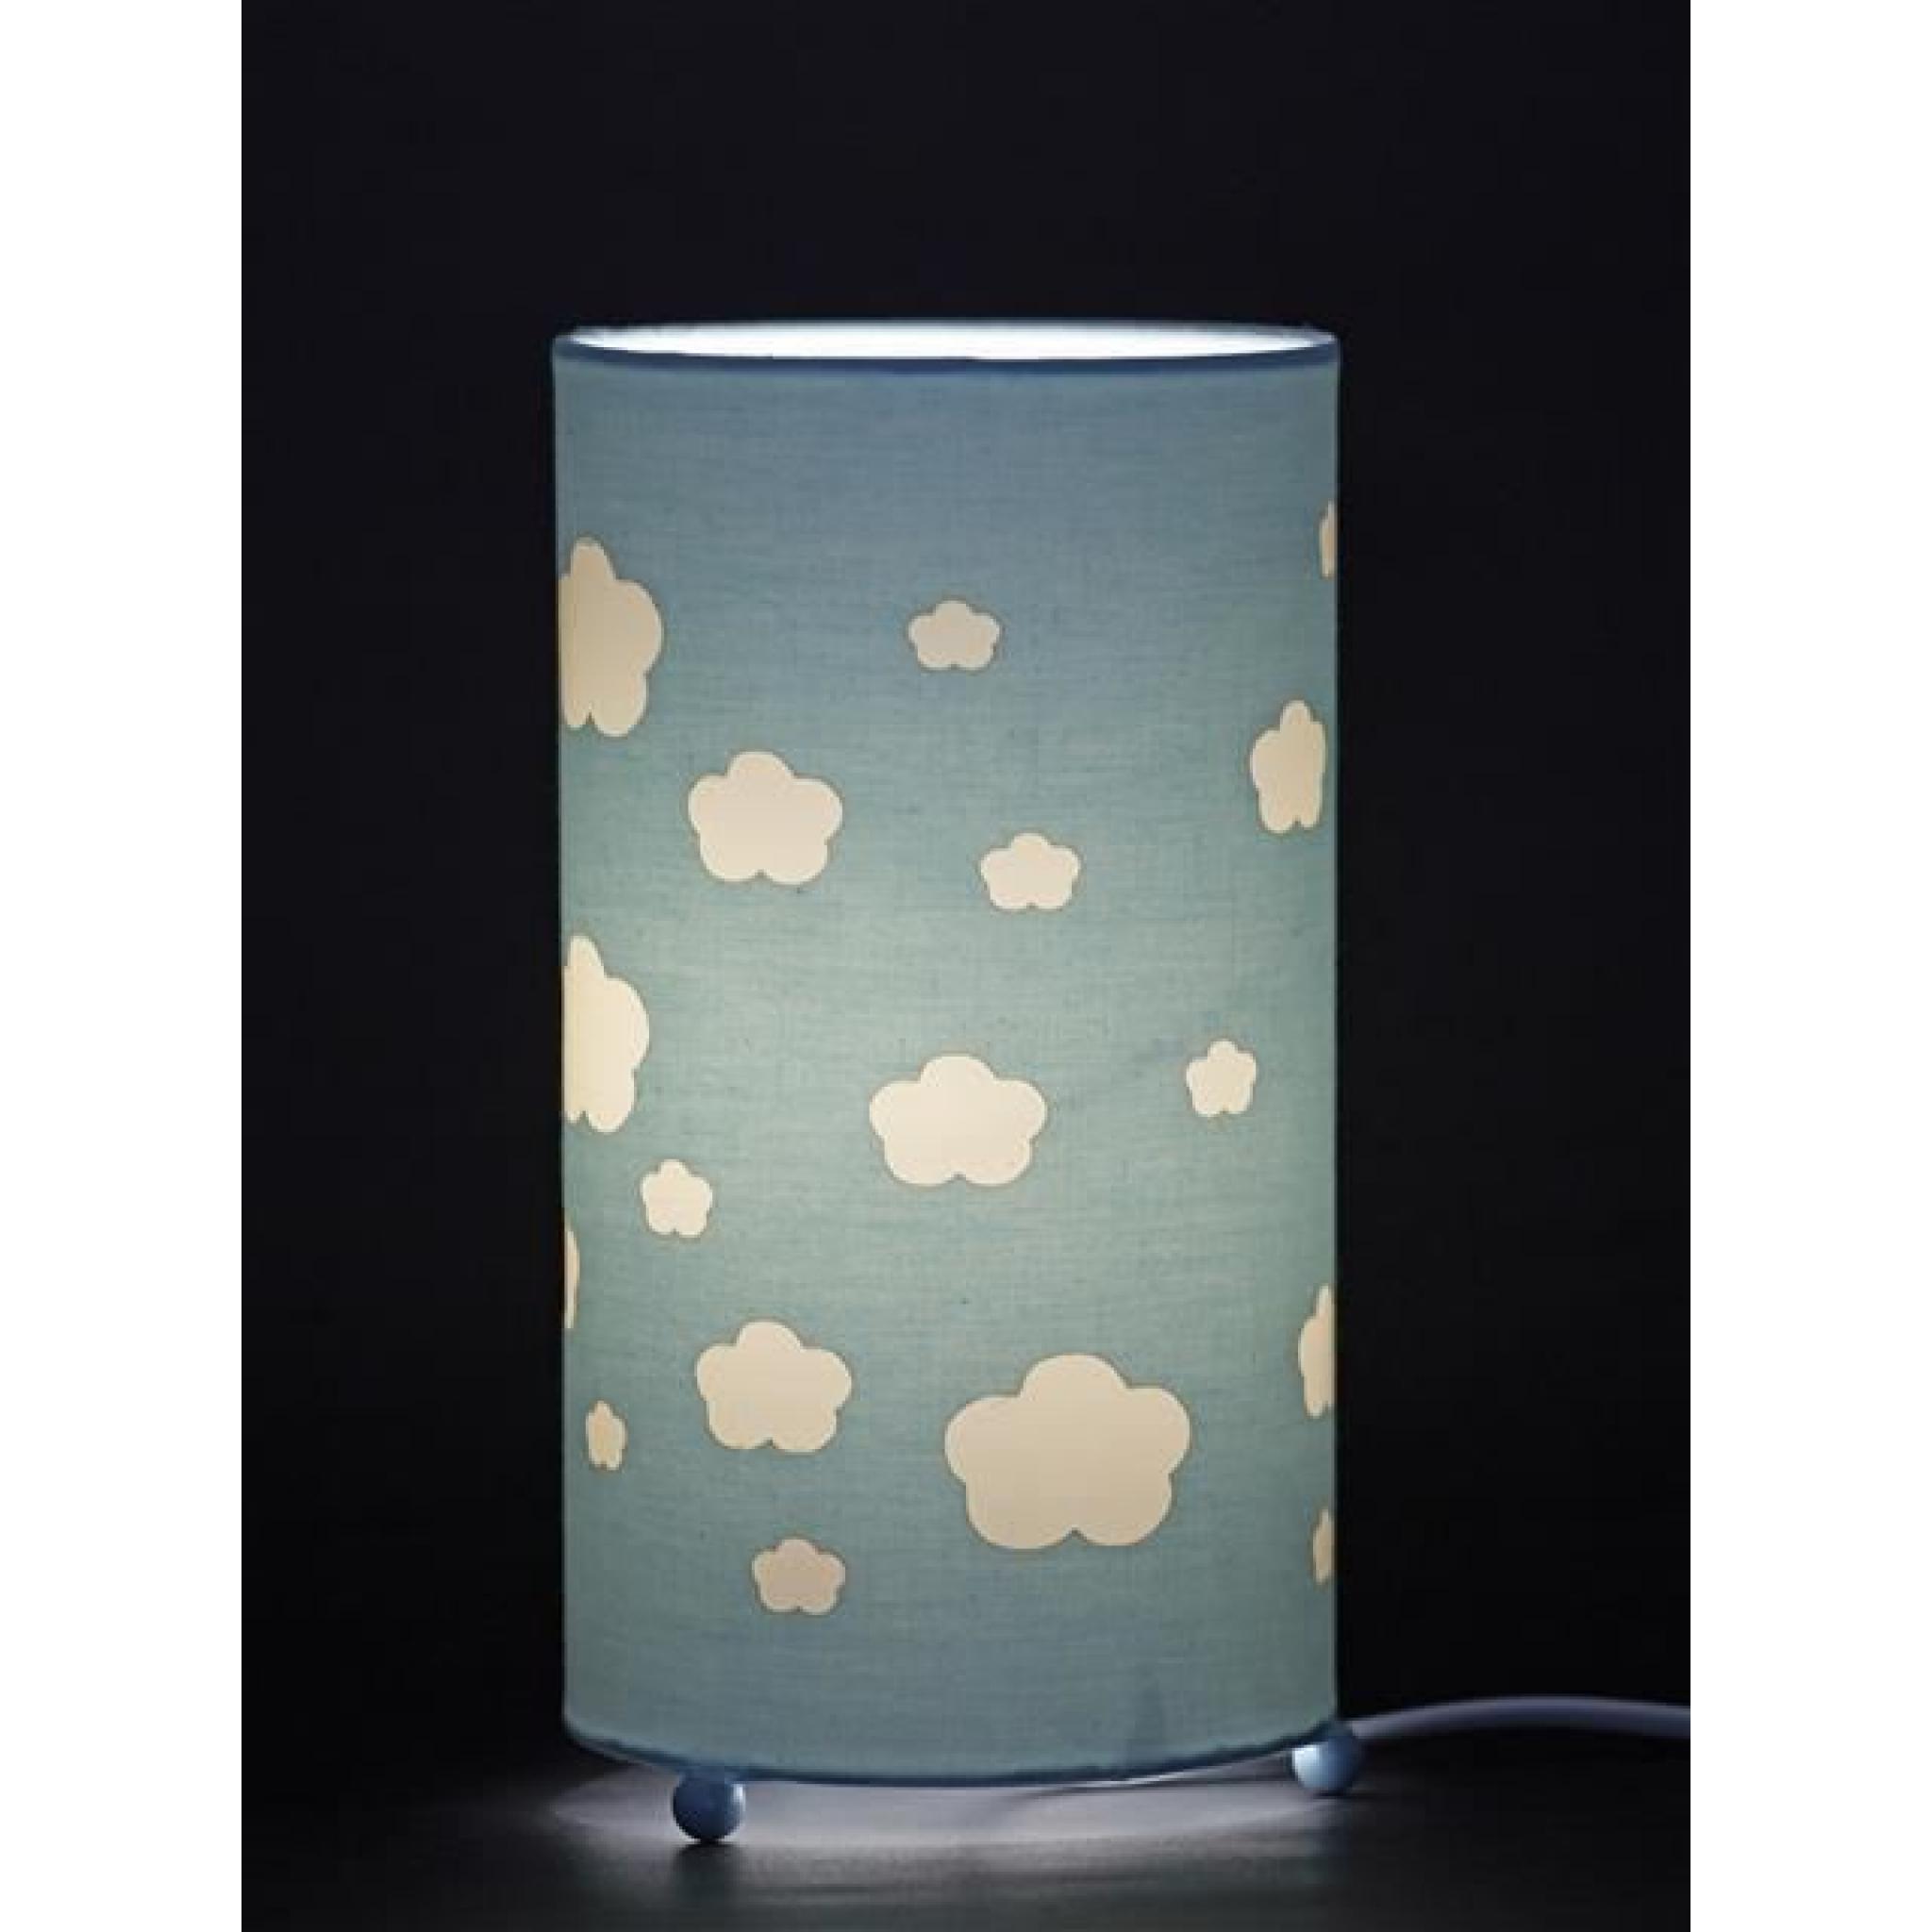 lampe de chevet enfant samantha achat vente lampe a poser pas cher couleur et design fr